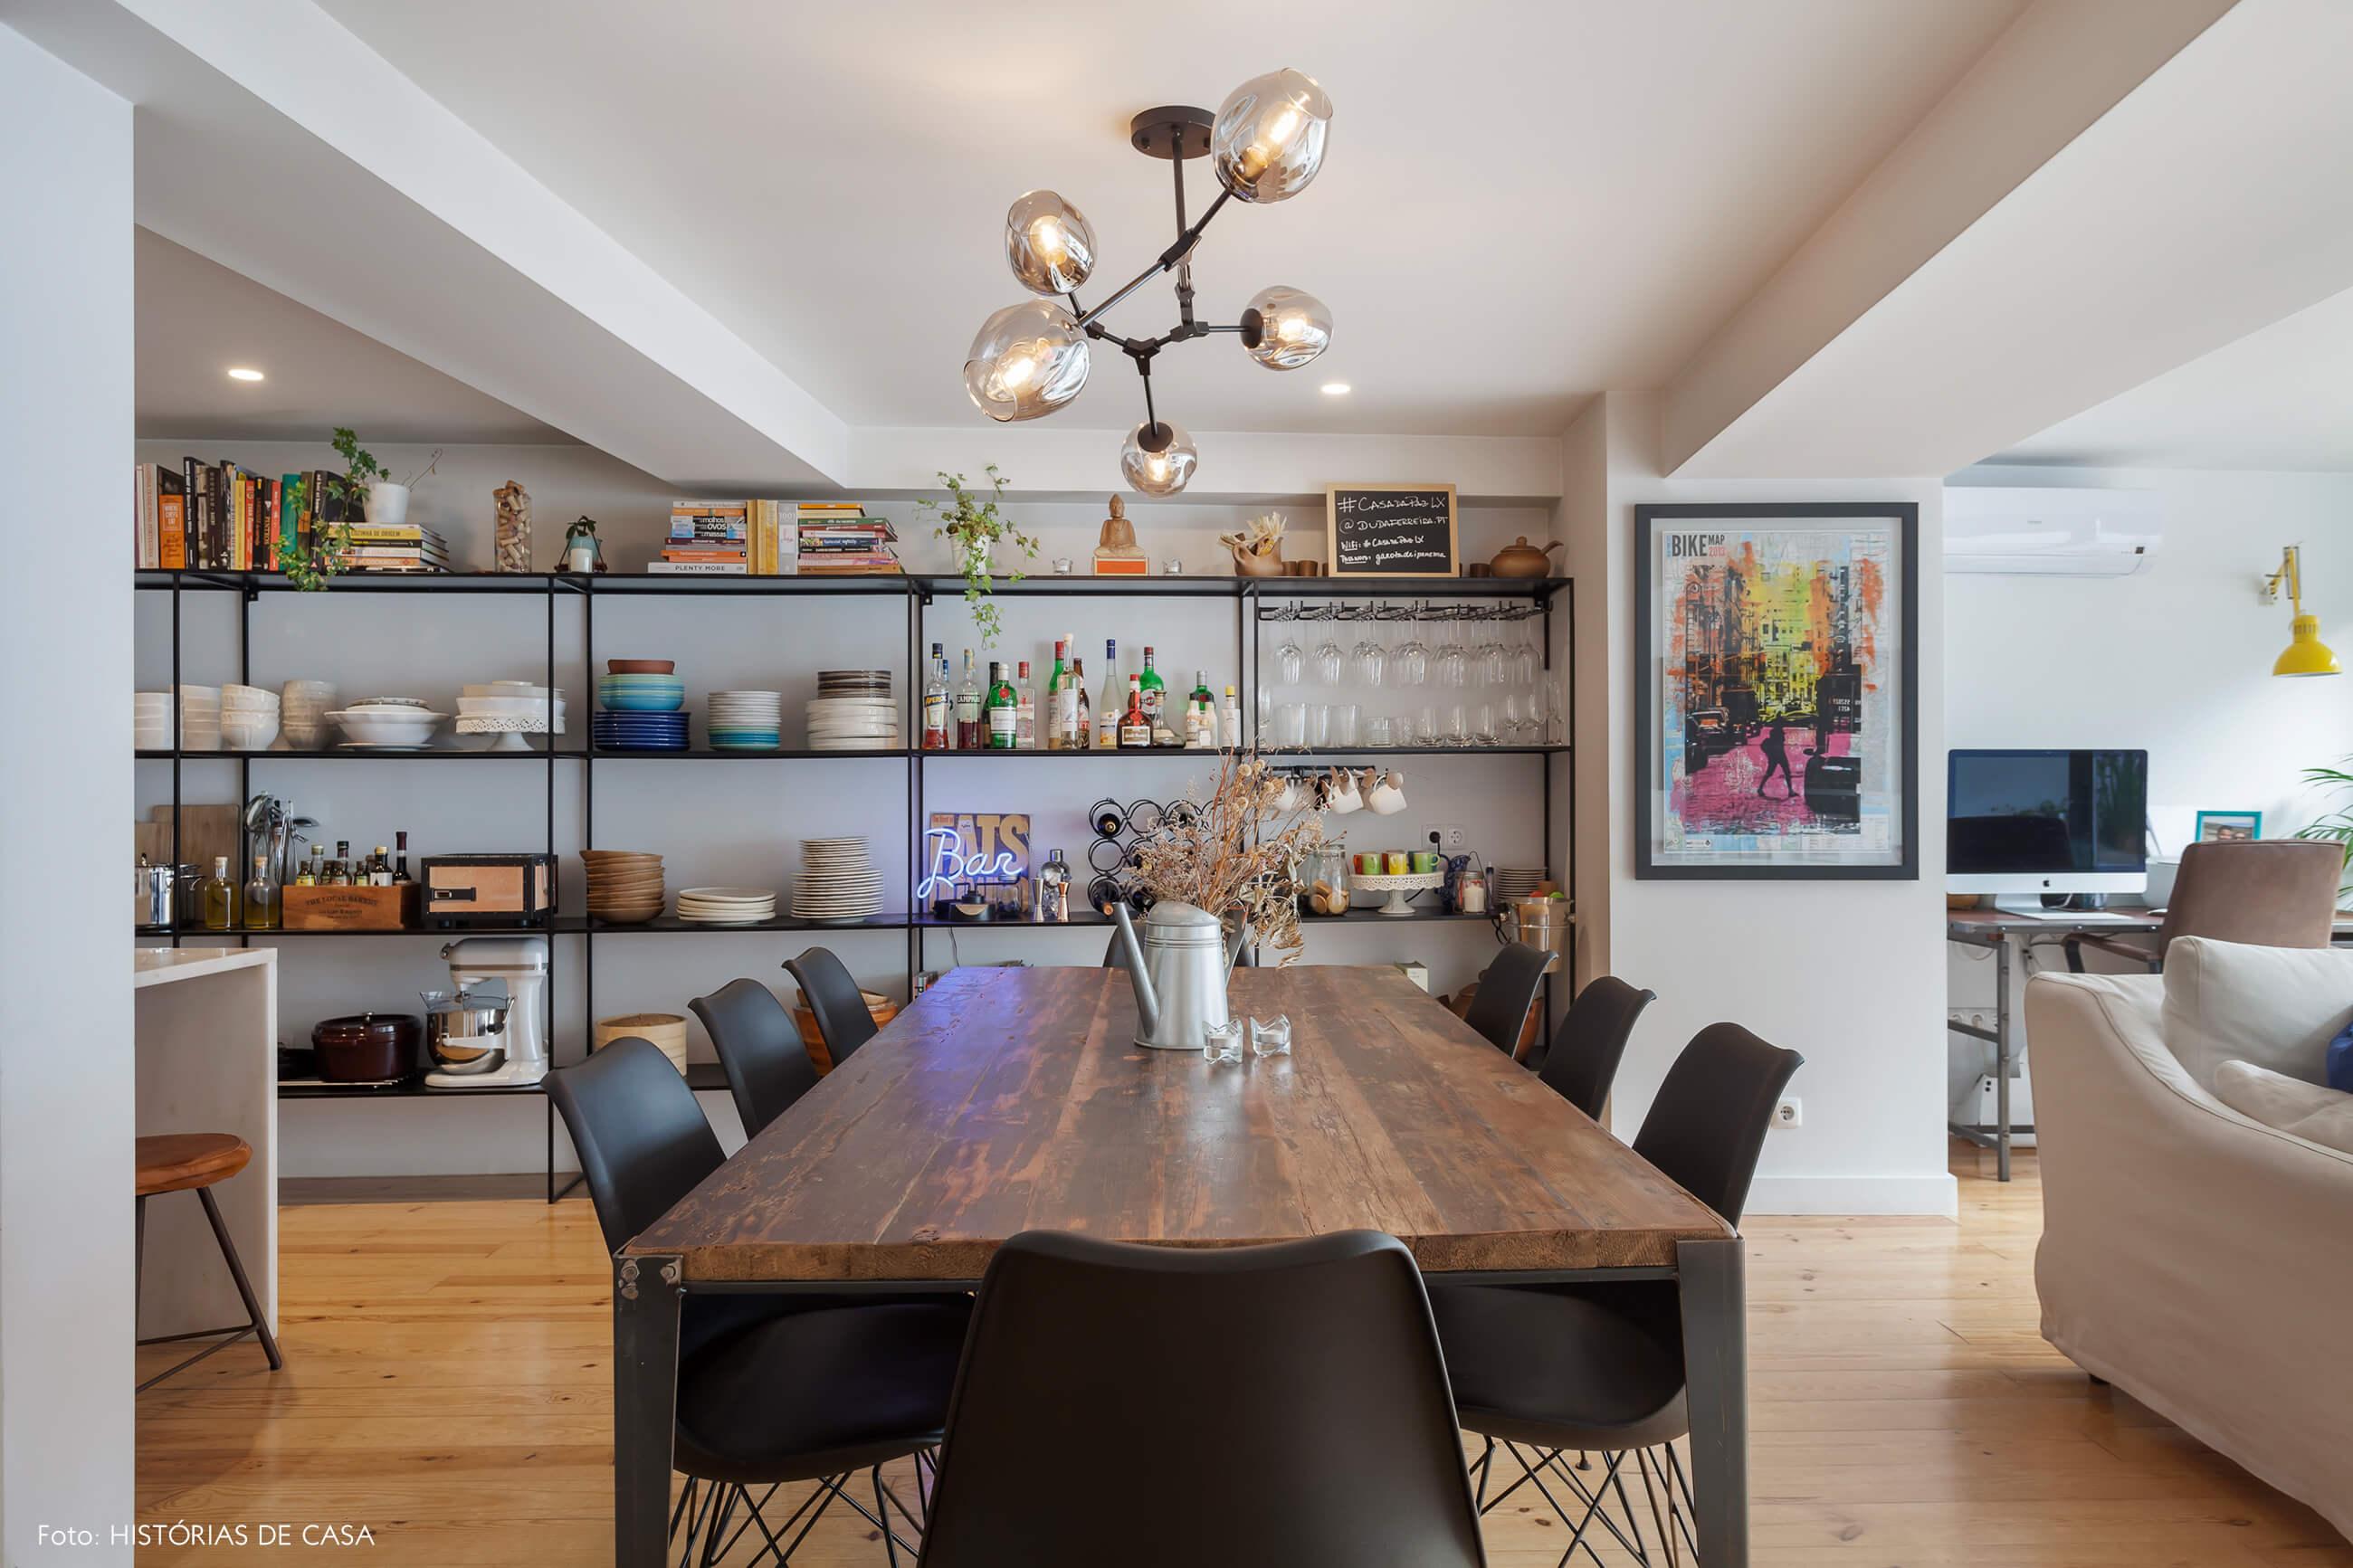 Apartamento em Lisboa com cozinha integrada e estante de estilo industrial